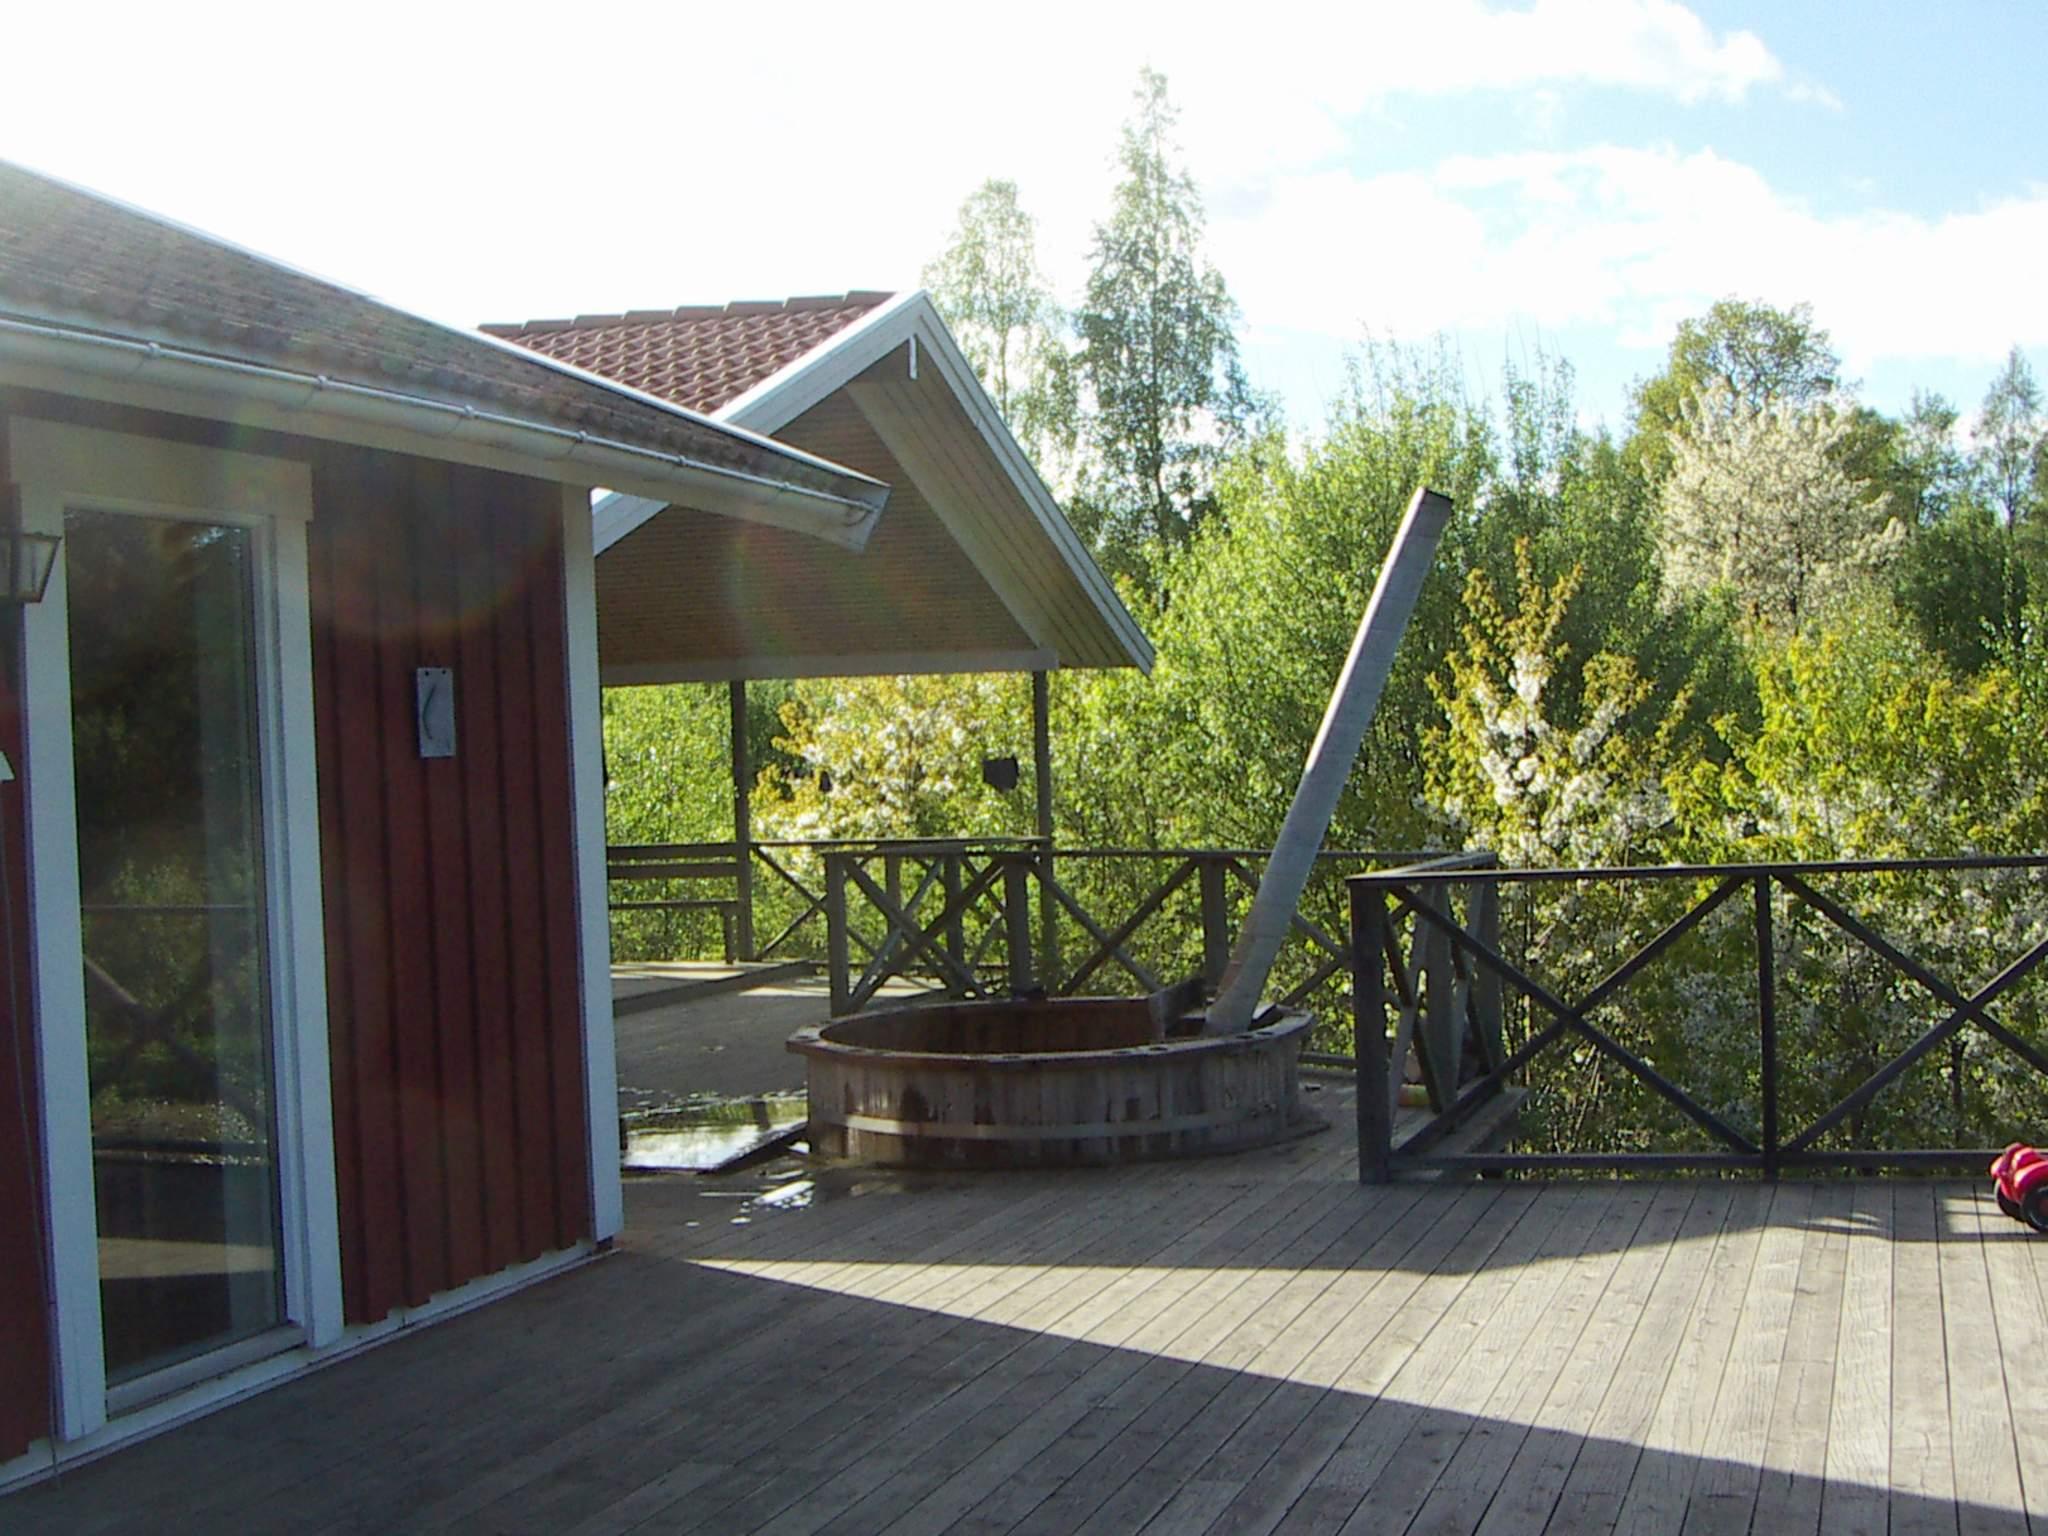 Ferienhaus Gränna (241788), Gränna, Jönköpings län, Südschweden, Schweden, Bild 11